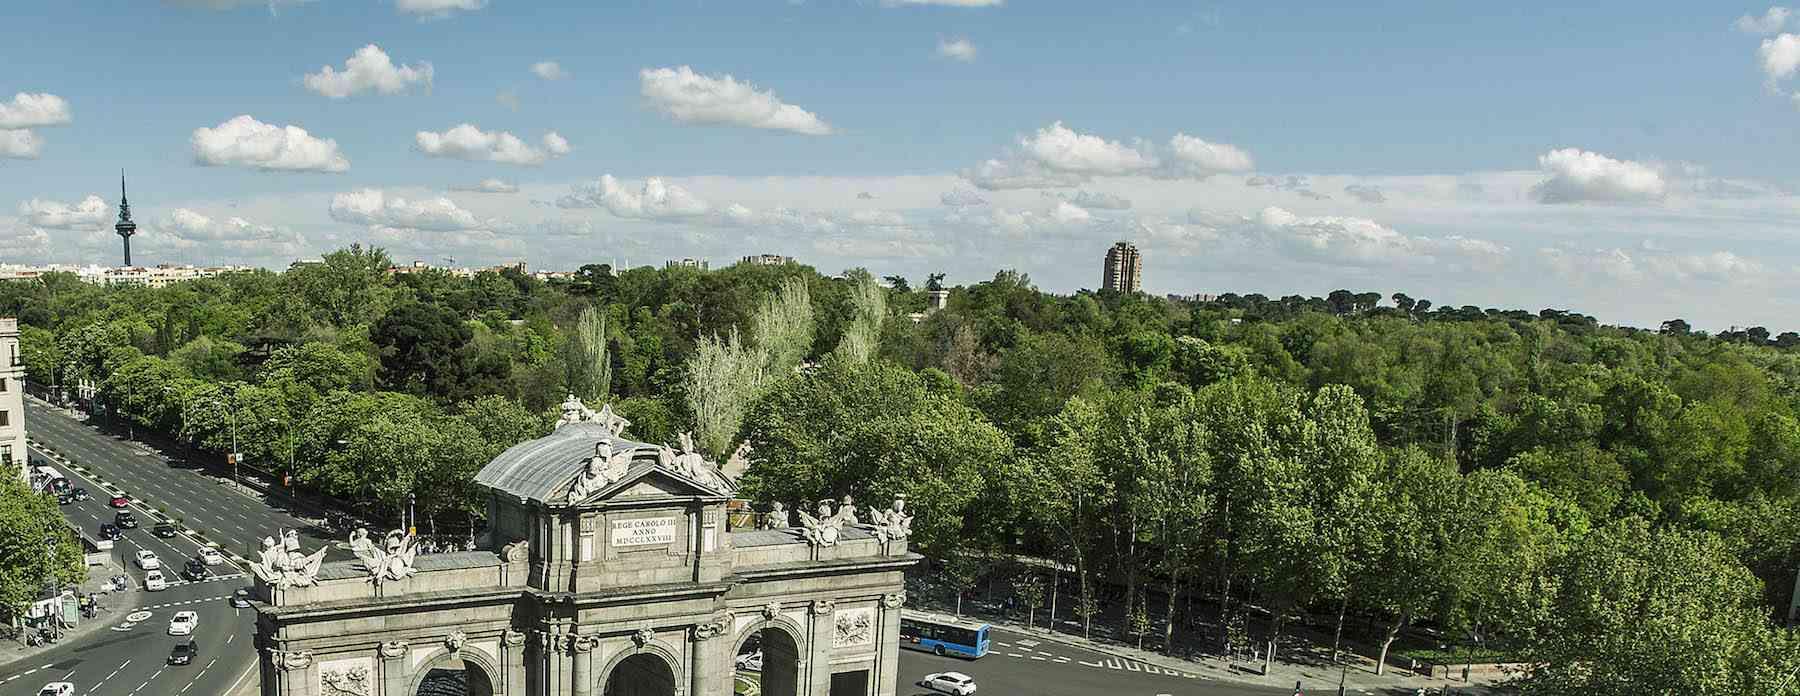 El Retiro madrileño cumple 150 años como parque público 6